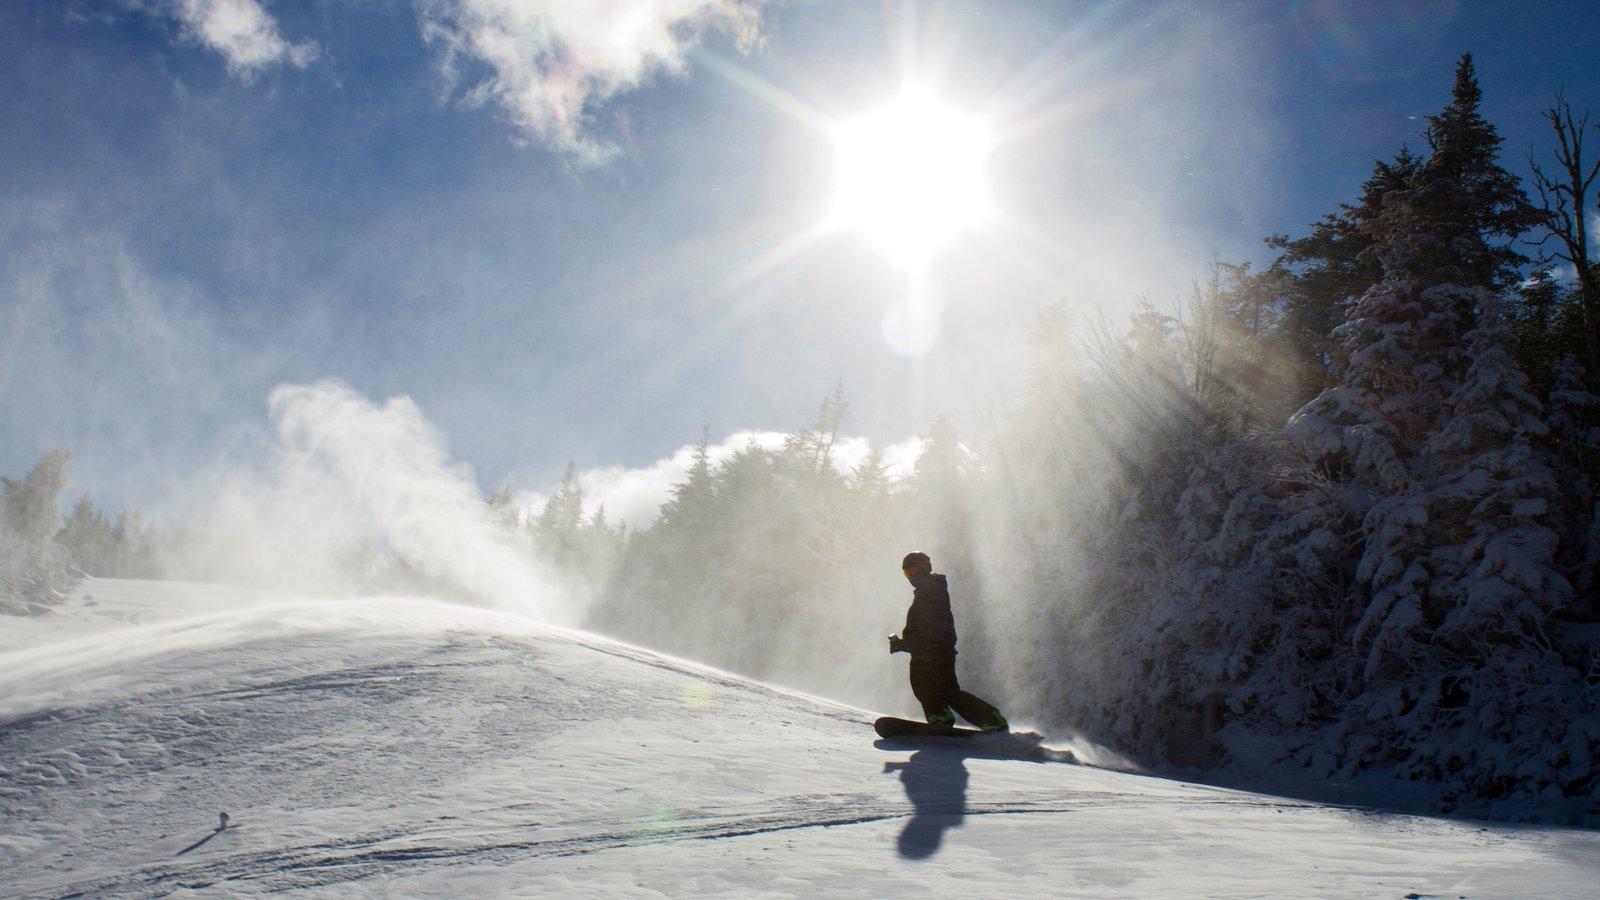 Whiteface Mountain caracterizando neve e snowboard assim como um homem sozinho